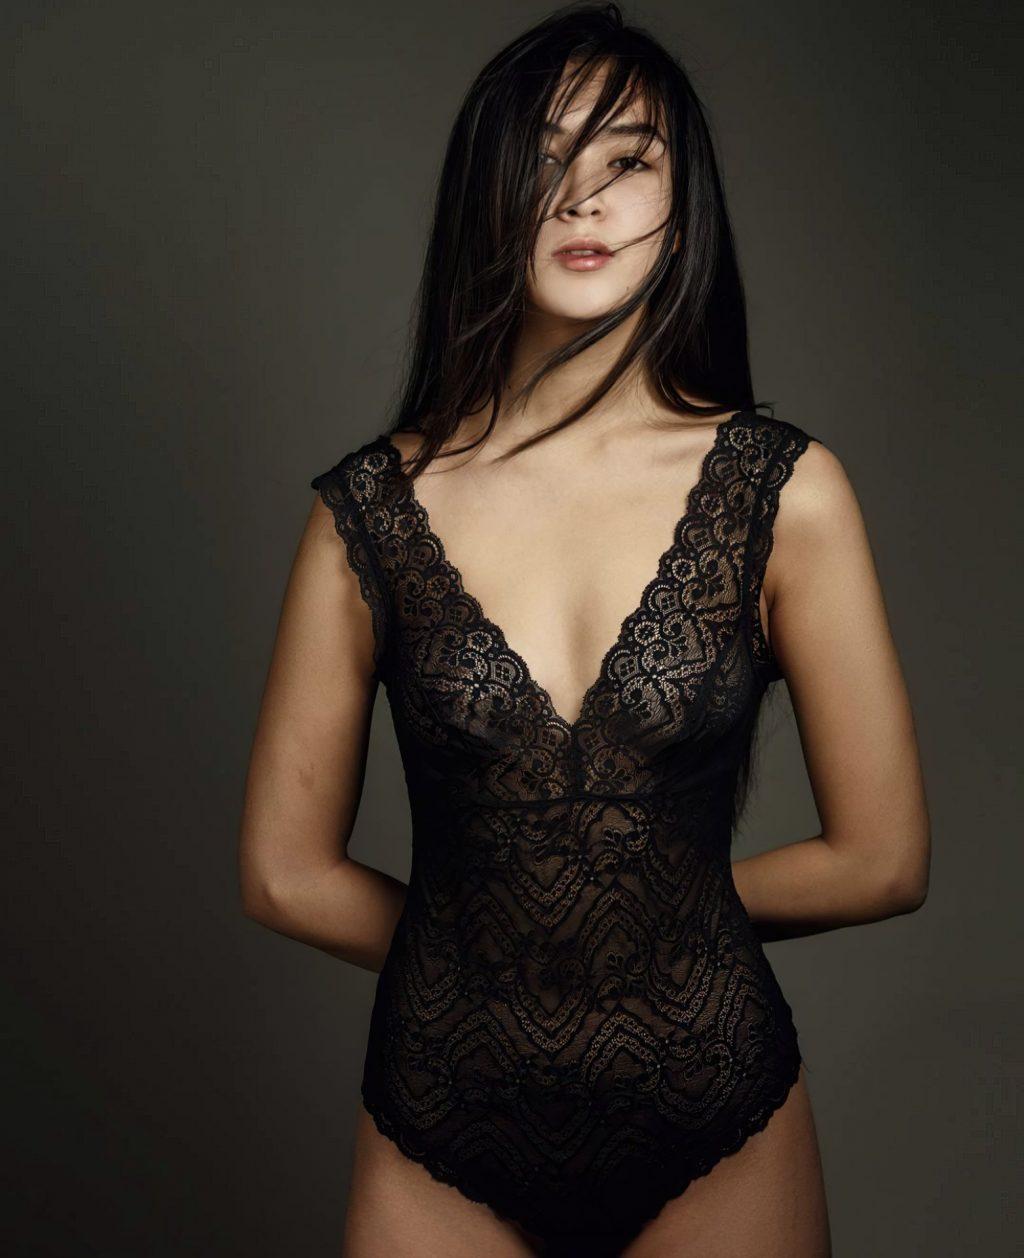 Ainara Kuzhbaeva Nude Leaked The Fappening (17 Photos)